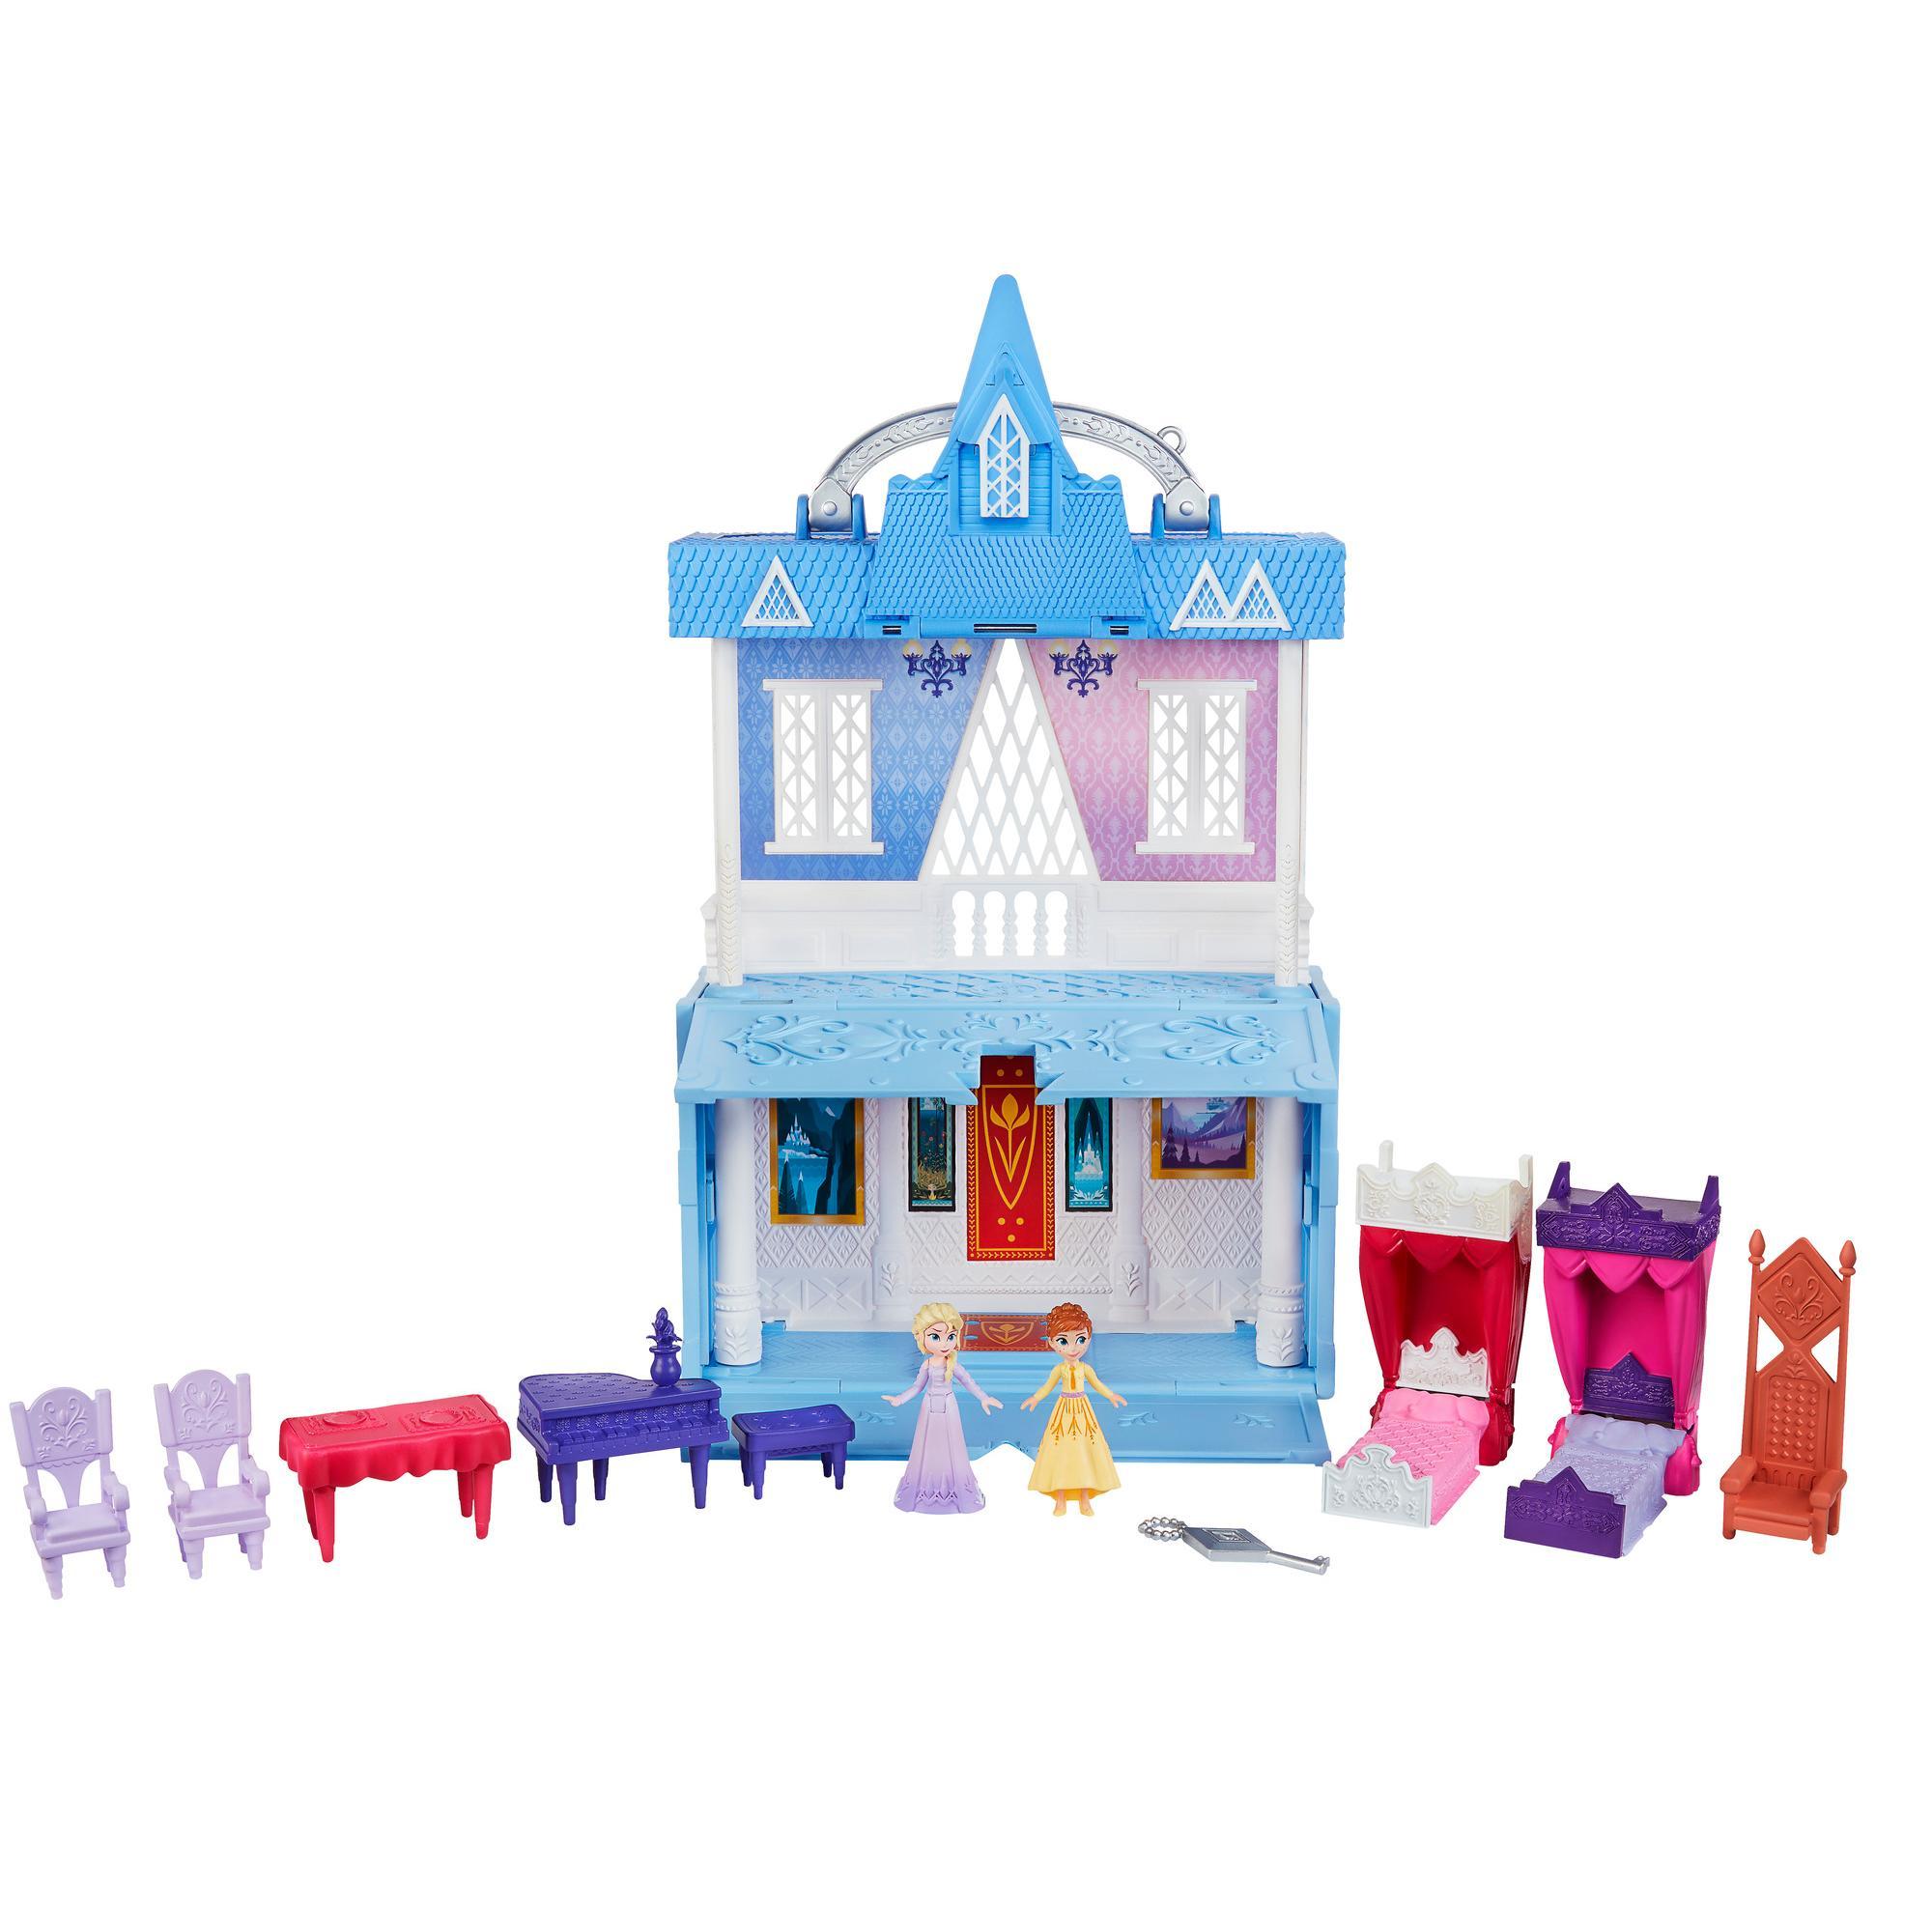 Disney Die Eiskönigin Pop-Up Abenteuer Schloss von Arendelle